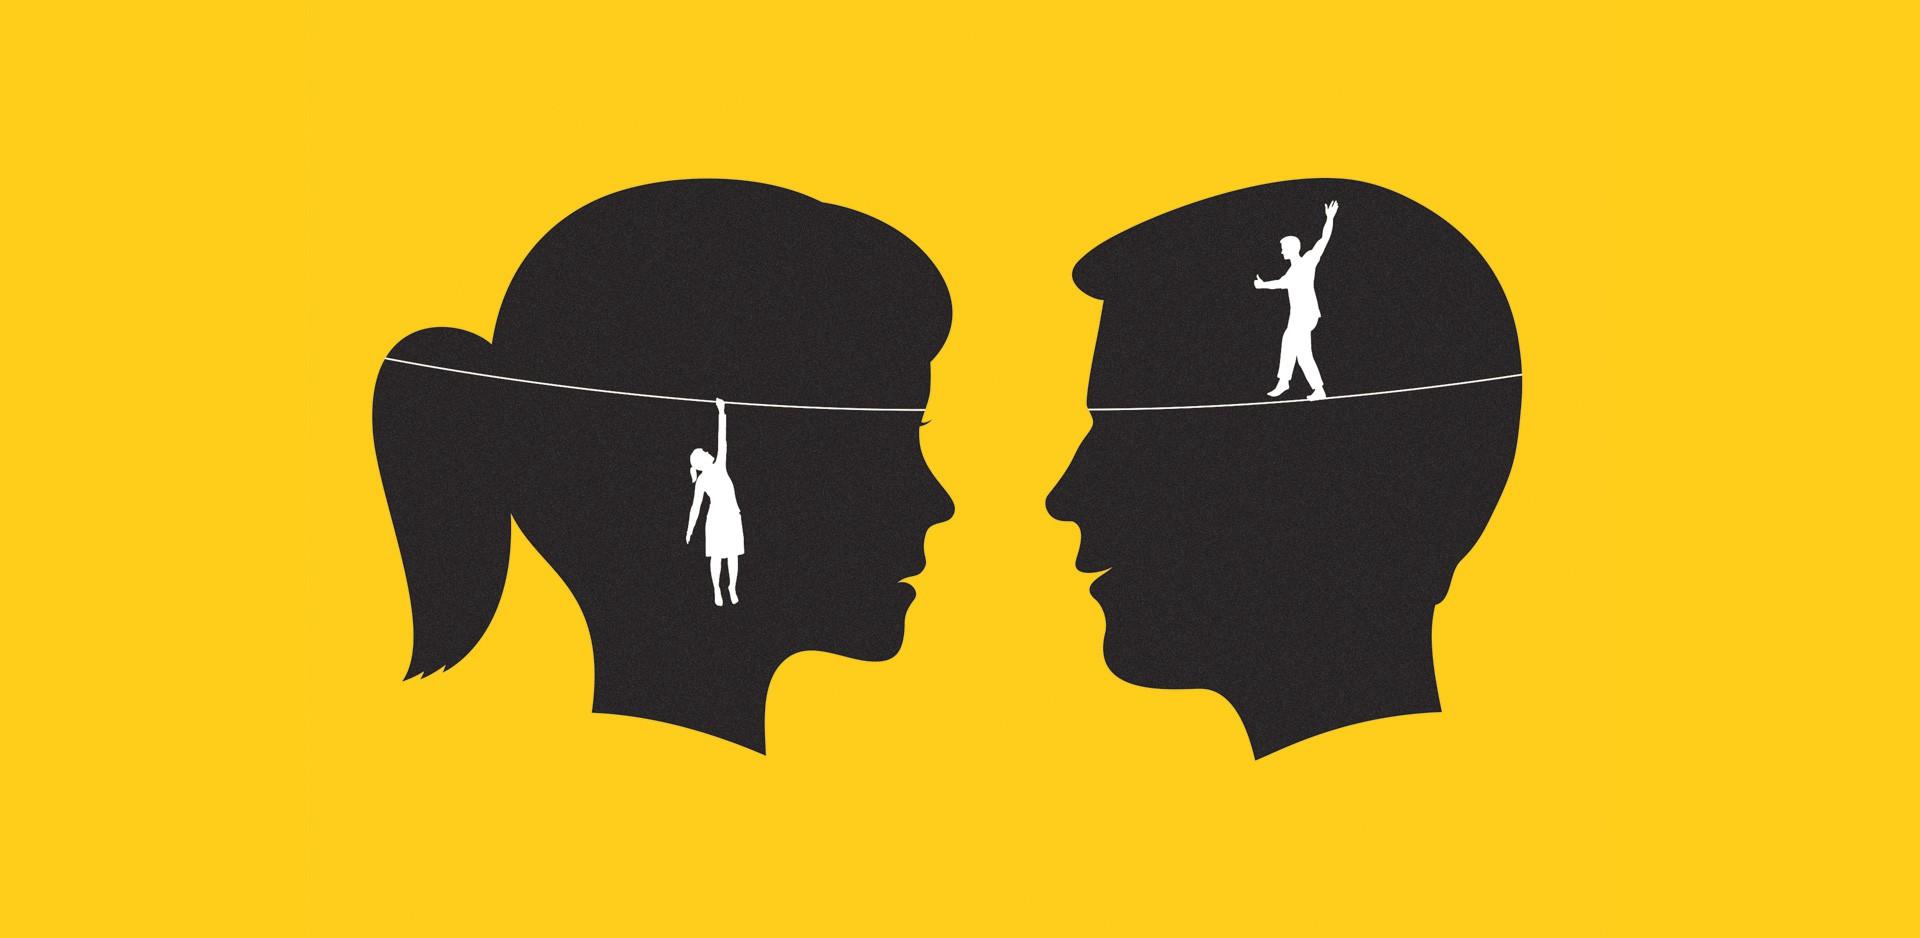 اعتماد به نفس منجر به موفقیت می شود؟